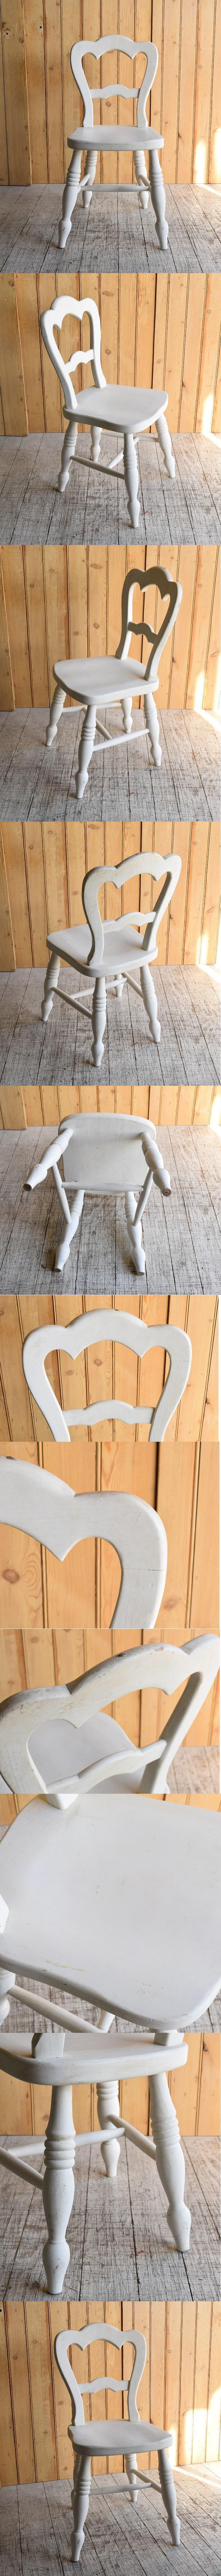 イギリス アンティーク家具 キッチンチェア 椅子 8885